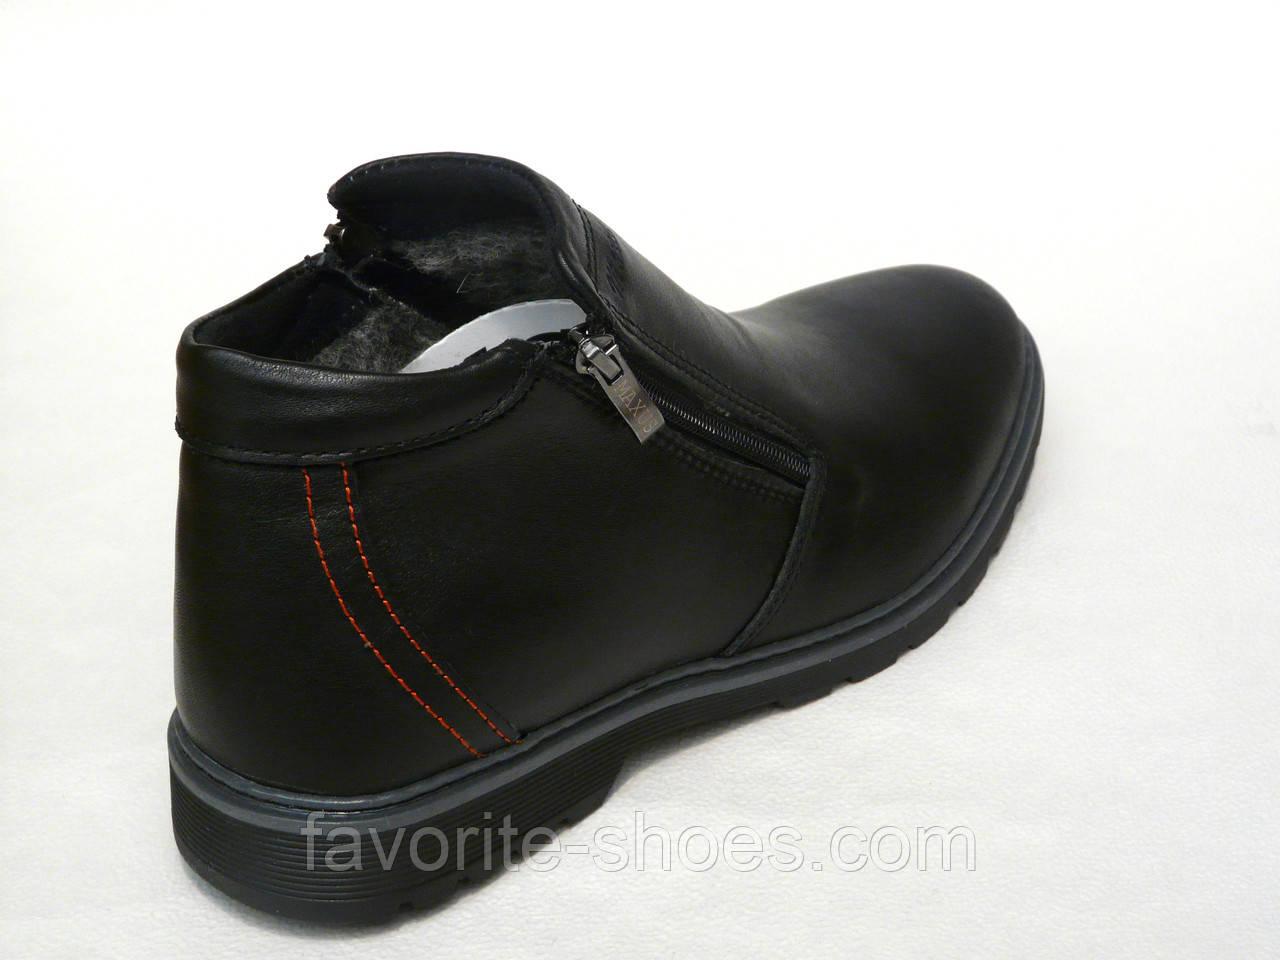 Зимние мужские кожаные ботинки Maxus конфорт 41 размер